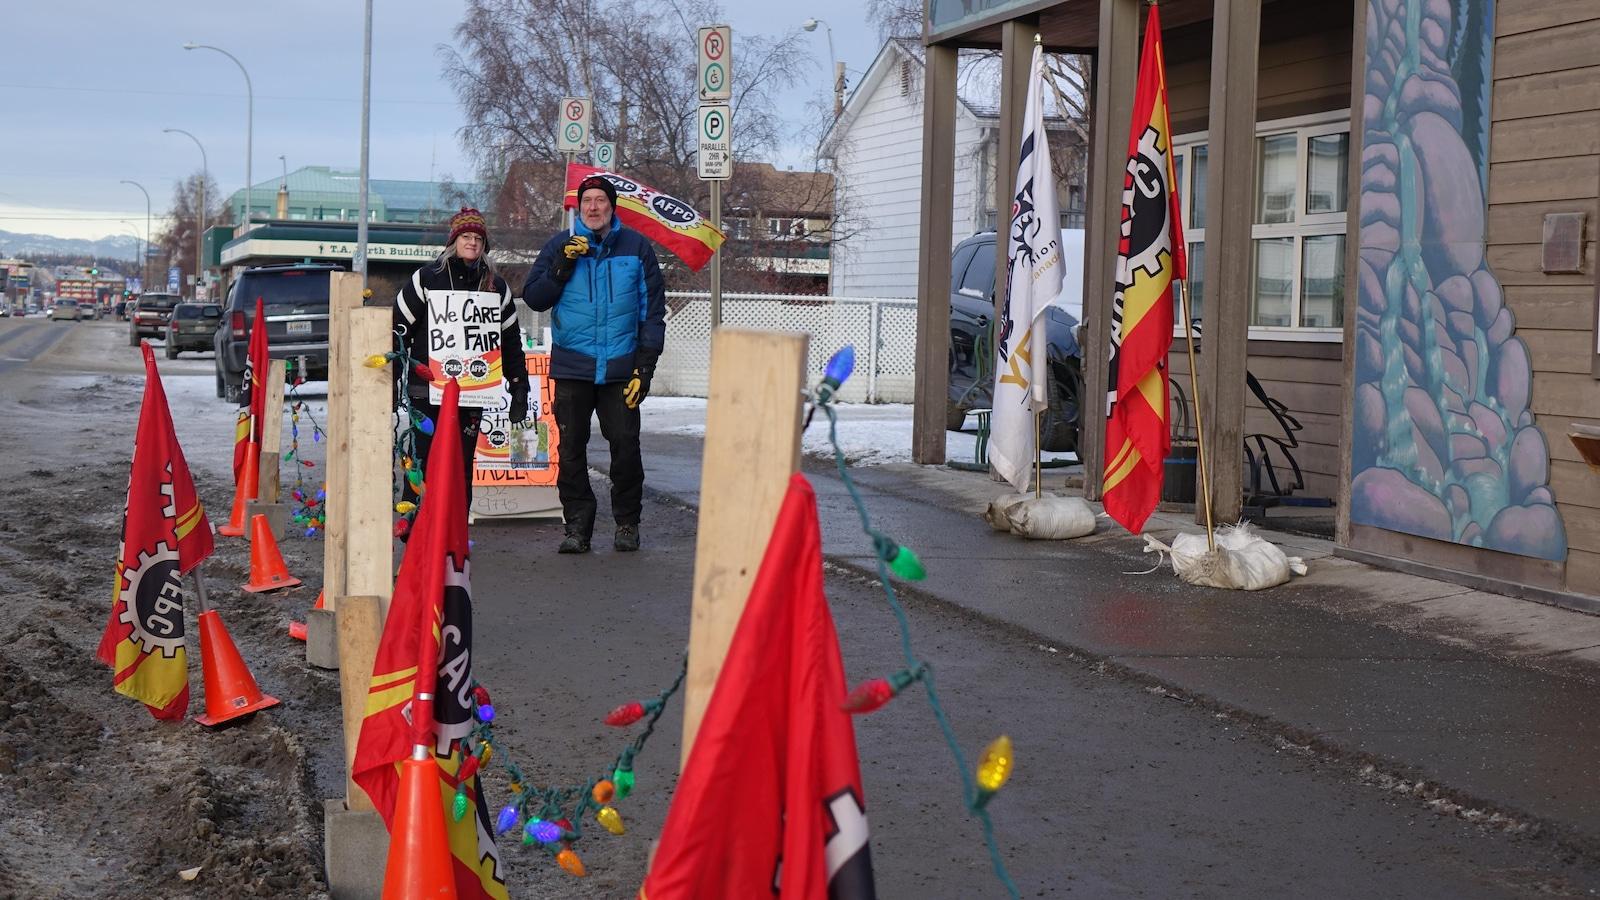 Une femme et un homme marchent sur la rue parmi des drapeaux devant un édifice.